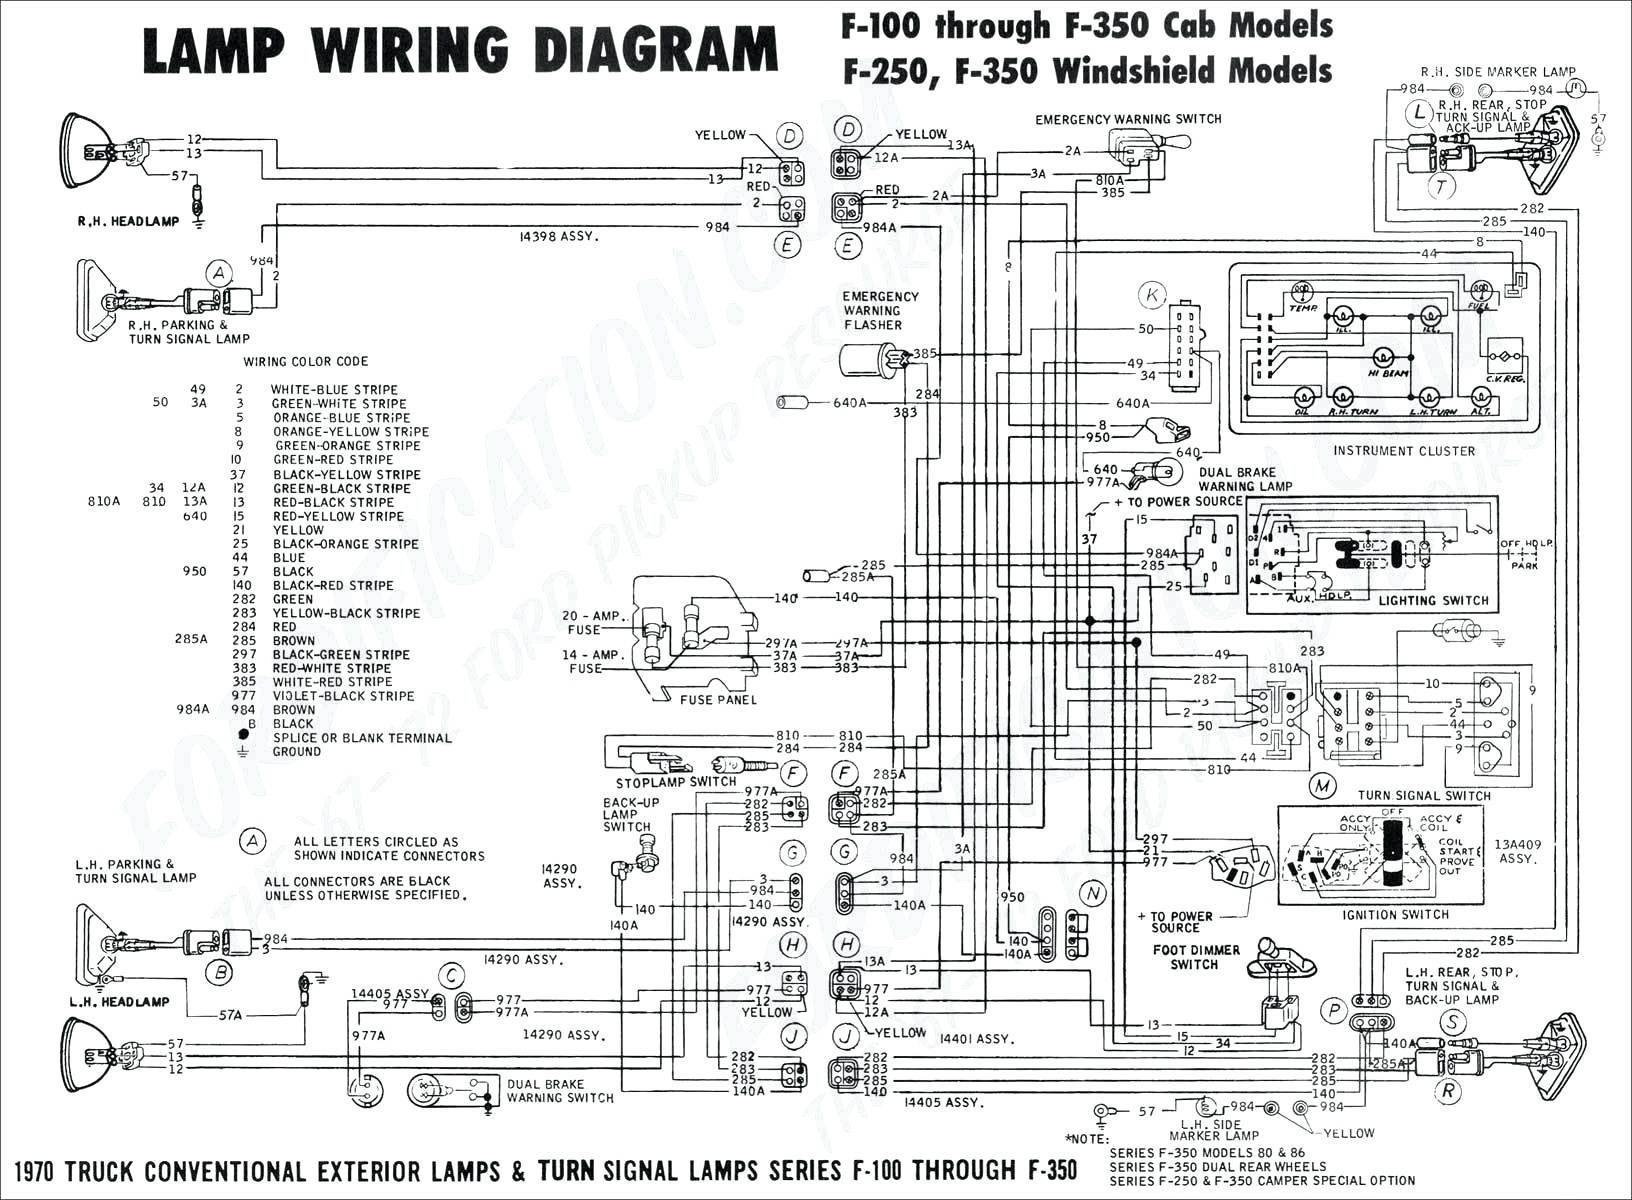 06 F250 Mirror Switch Wiring 2003 ford F350 Super Duty Wiring Diagram Of 06 F250 Mirror Switch Wiring